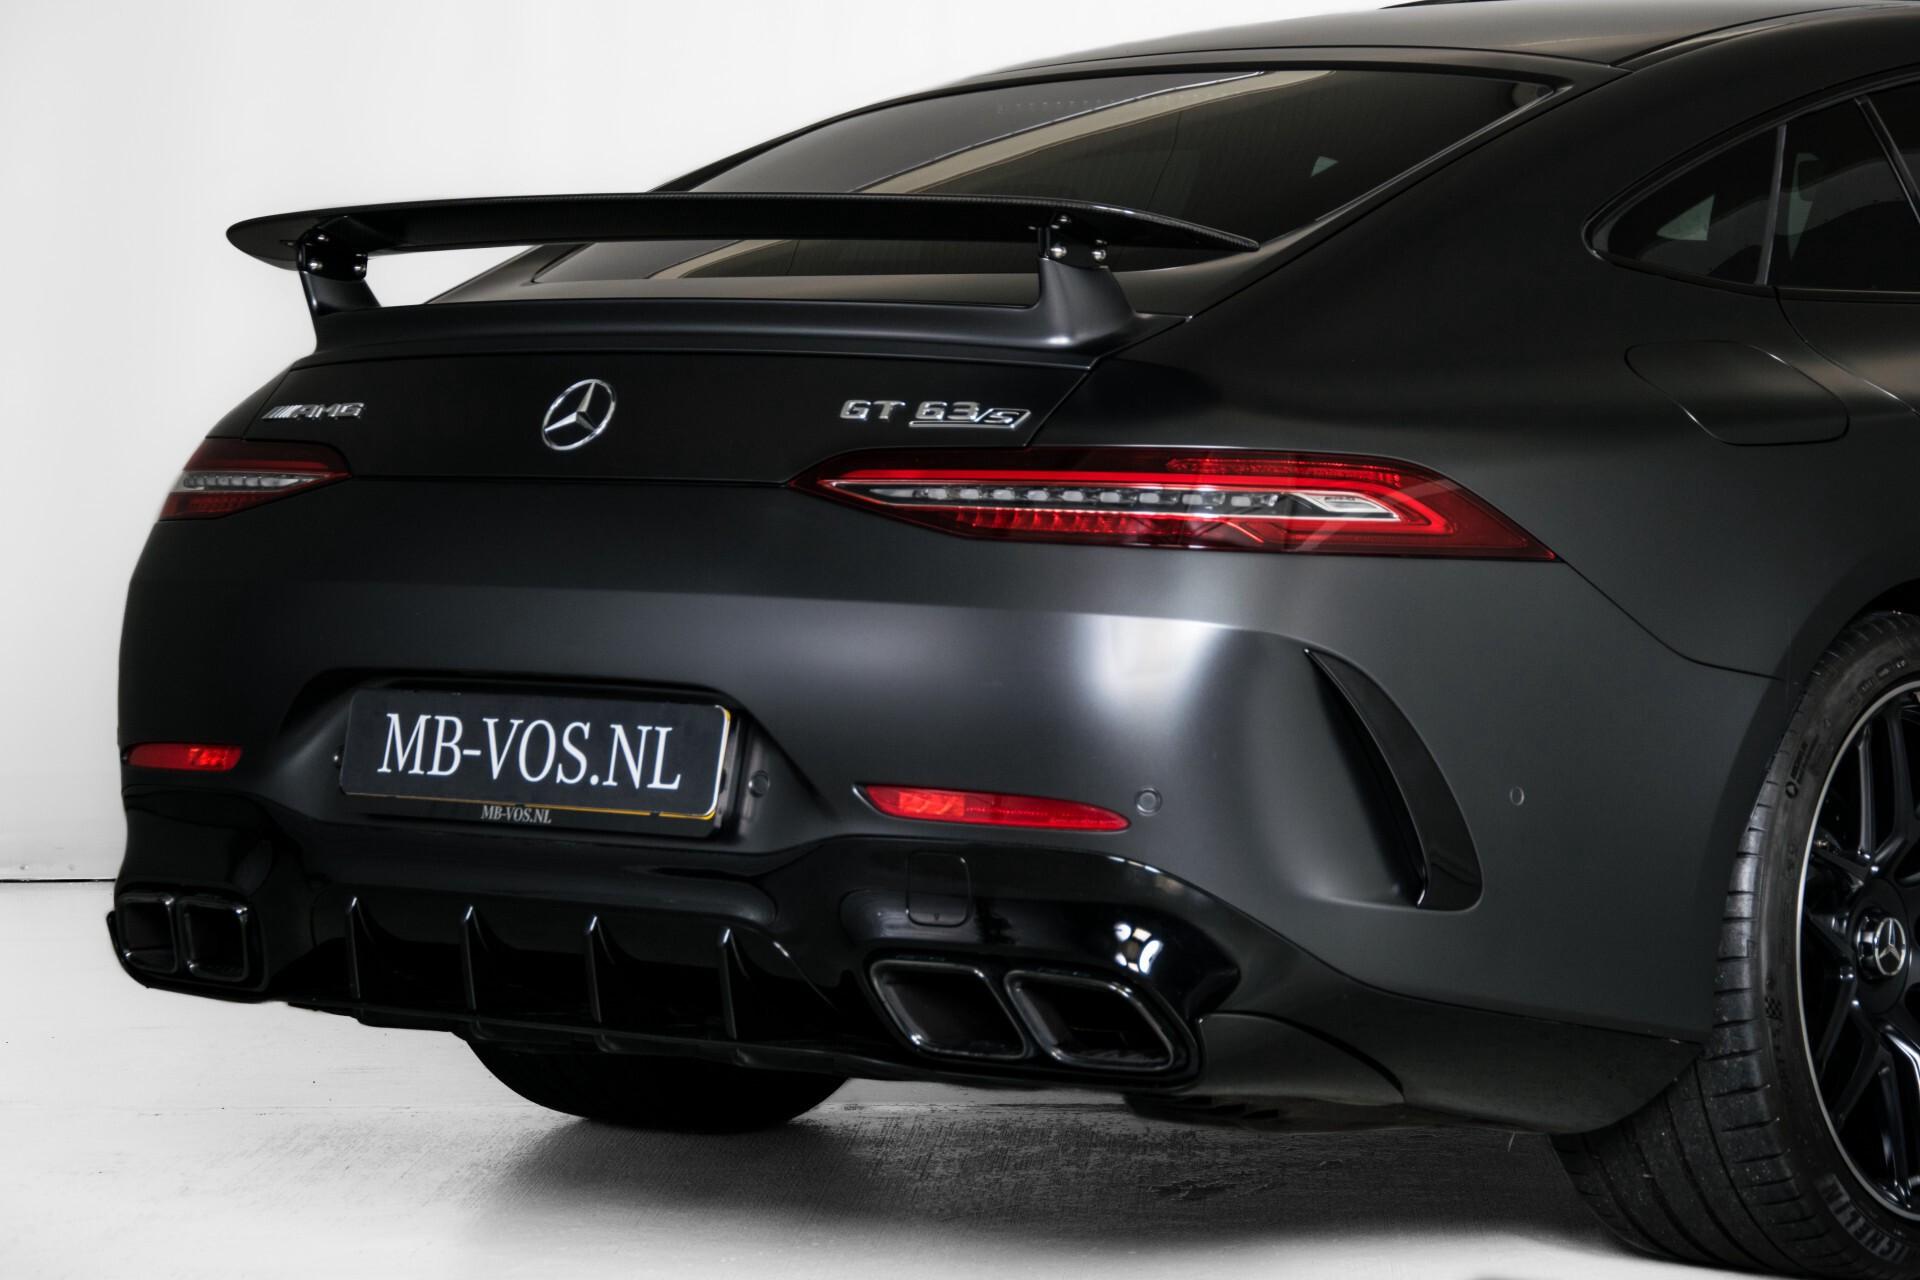 Mercedes-Benz AMG GT 4-Door Coupe 63 S 4M+ Keramisch/Full Carbon/Aerodynamica/Burmester 3D/TV/Performance stoelen/Standkachel Aut9 Foto 78